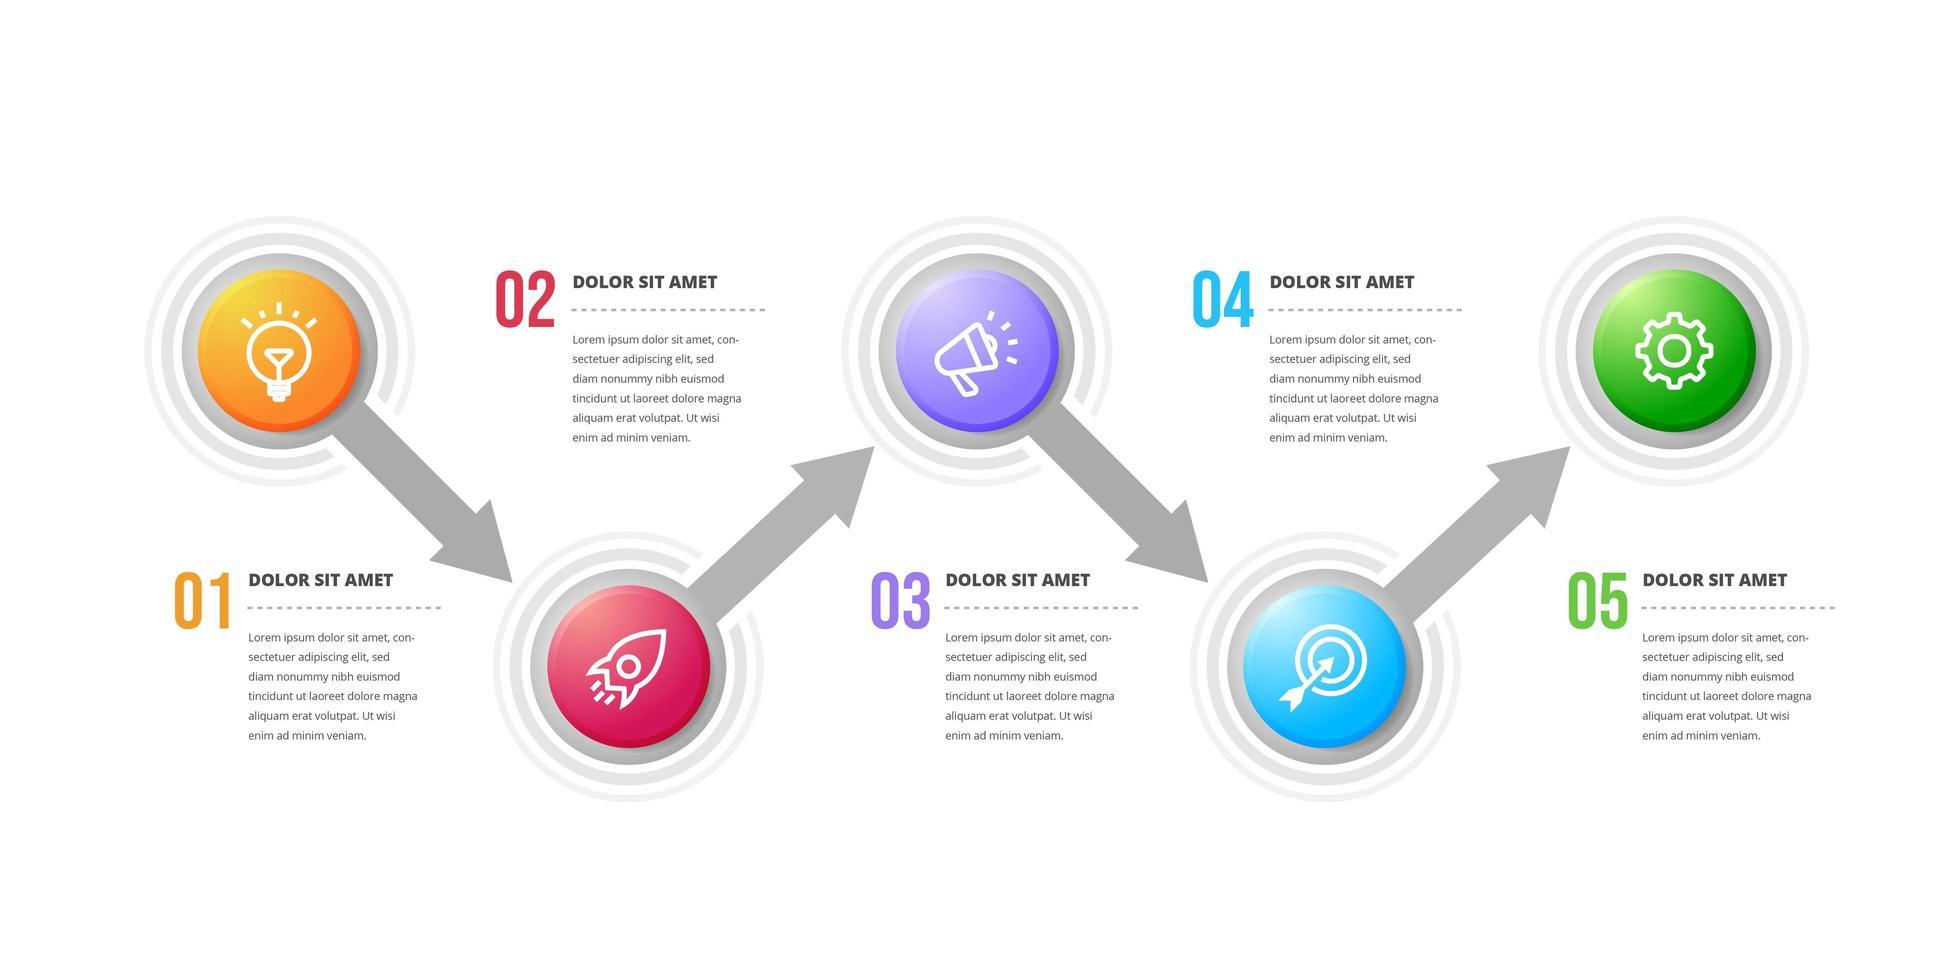 kreativa cirkulära infografiska designelement vektor